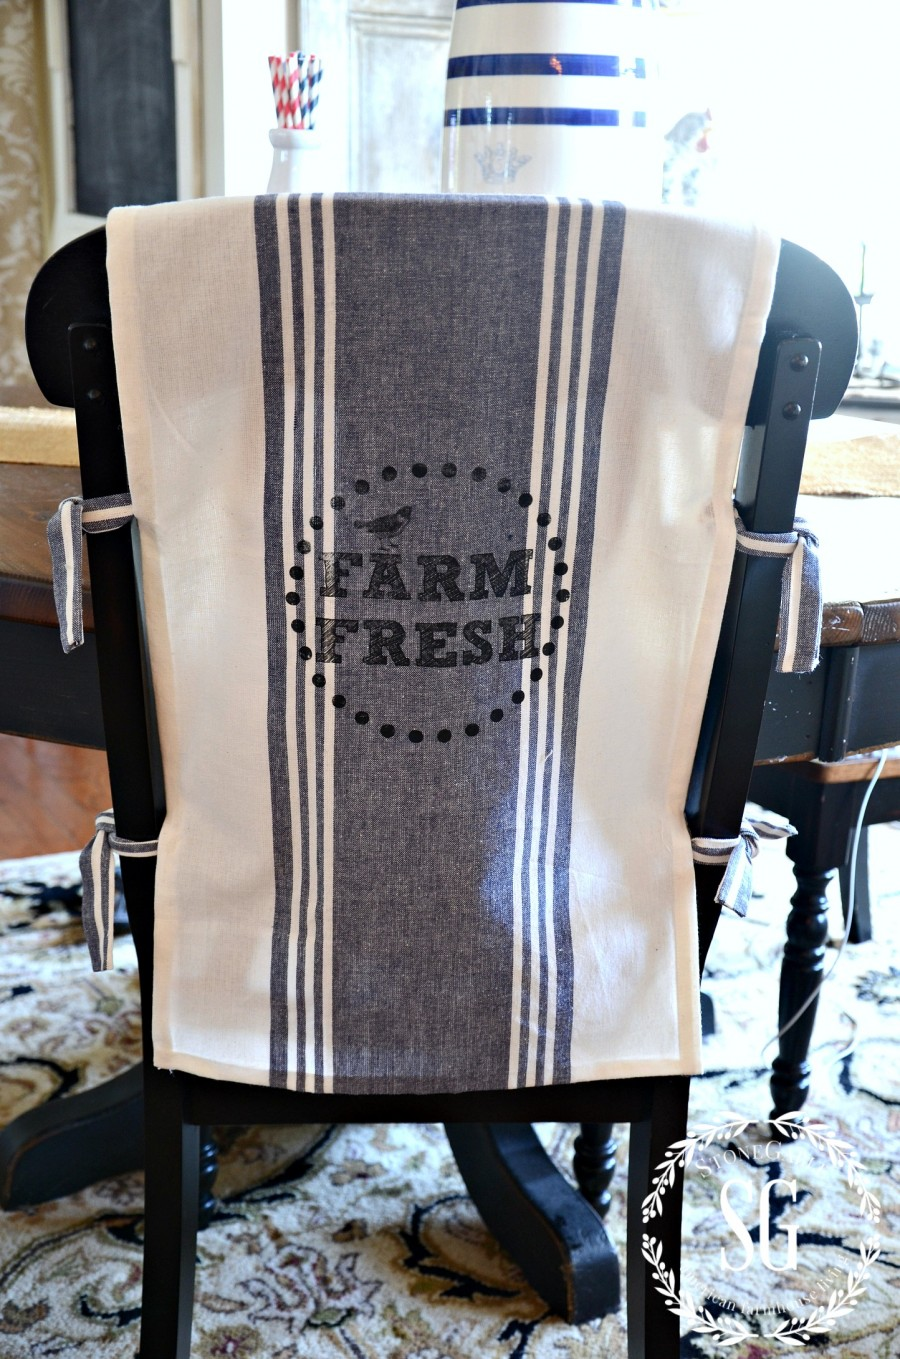 NO SEW CHAIR BACK COVERS-farm fresh-stonegableblog.com